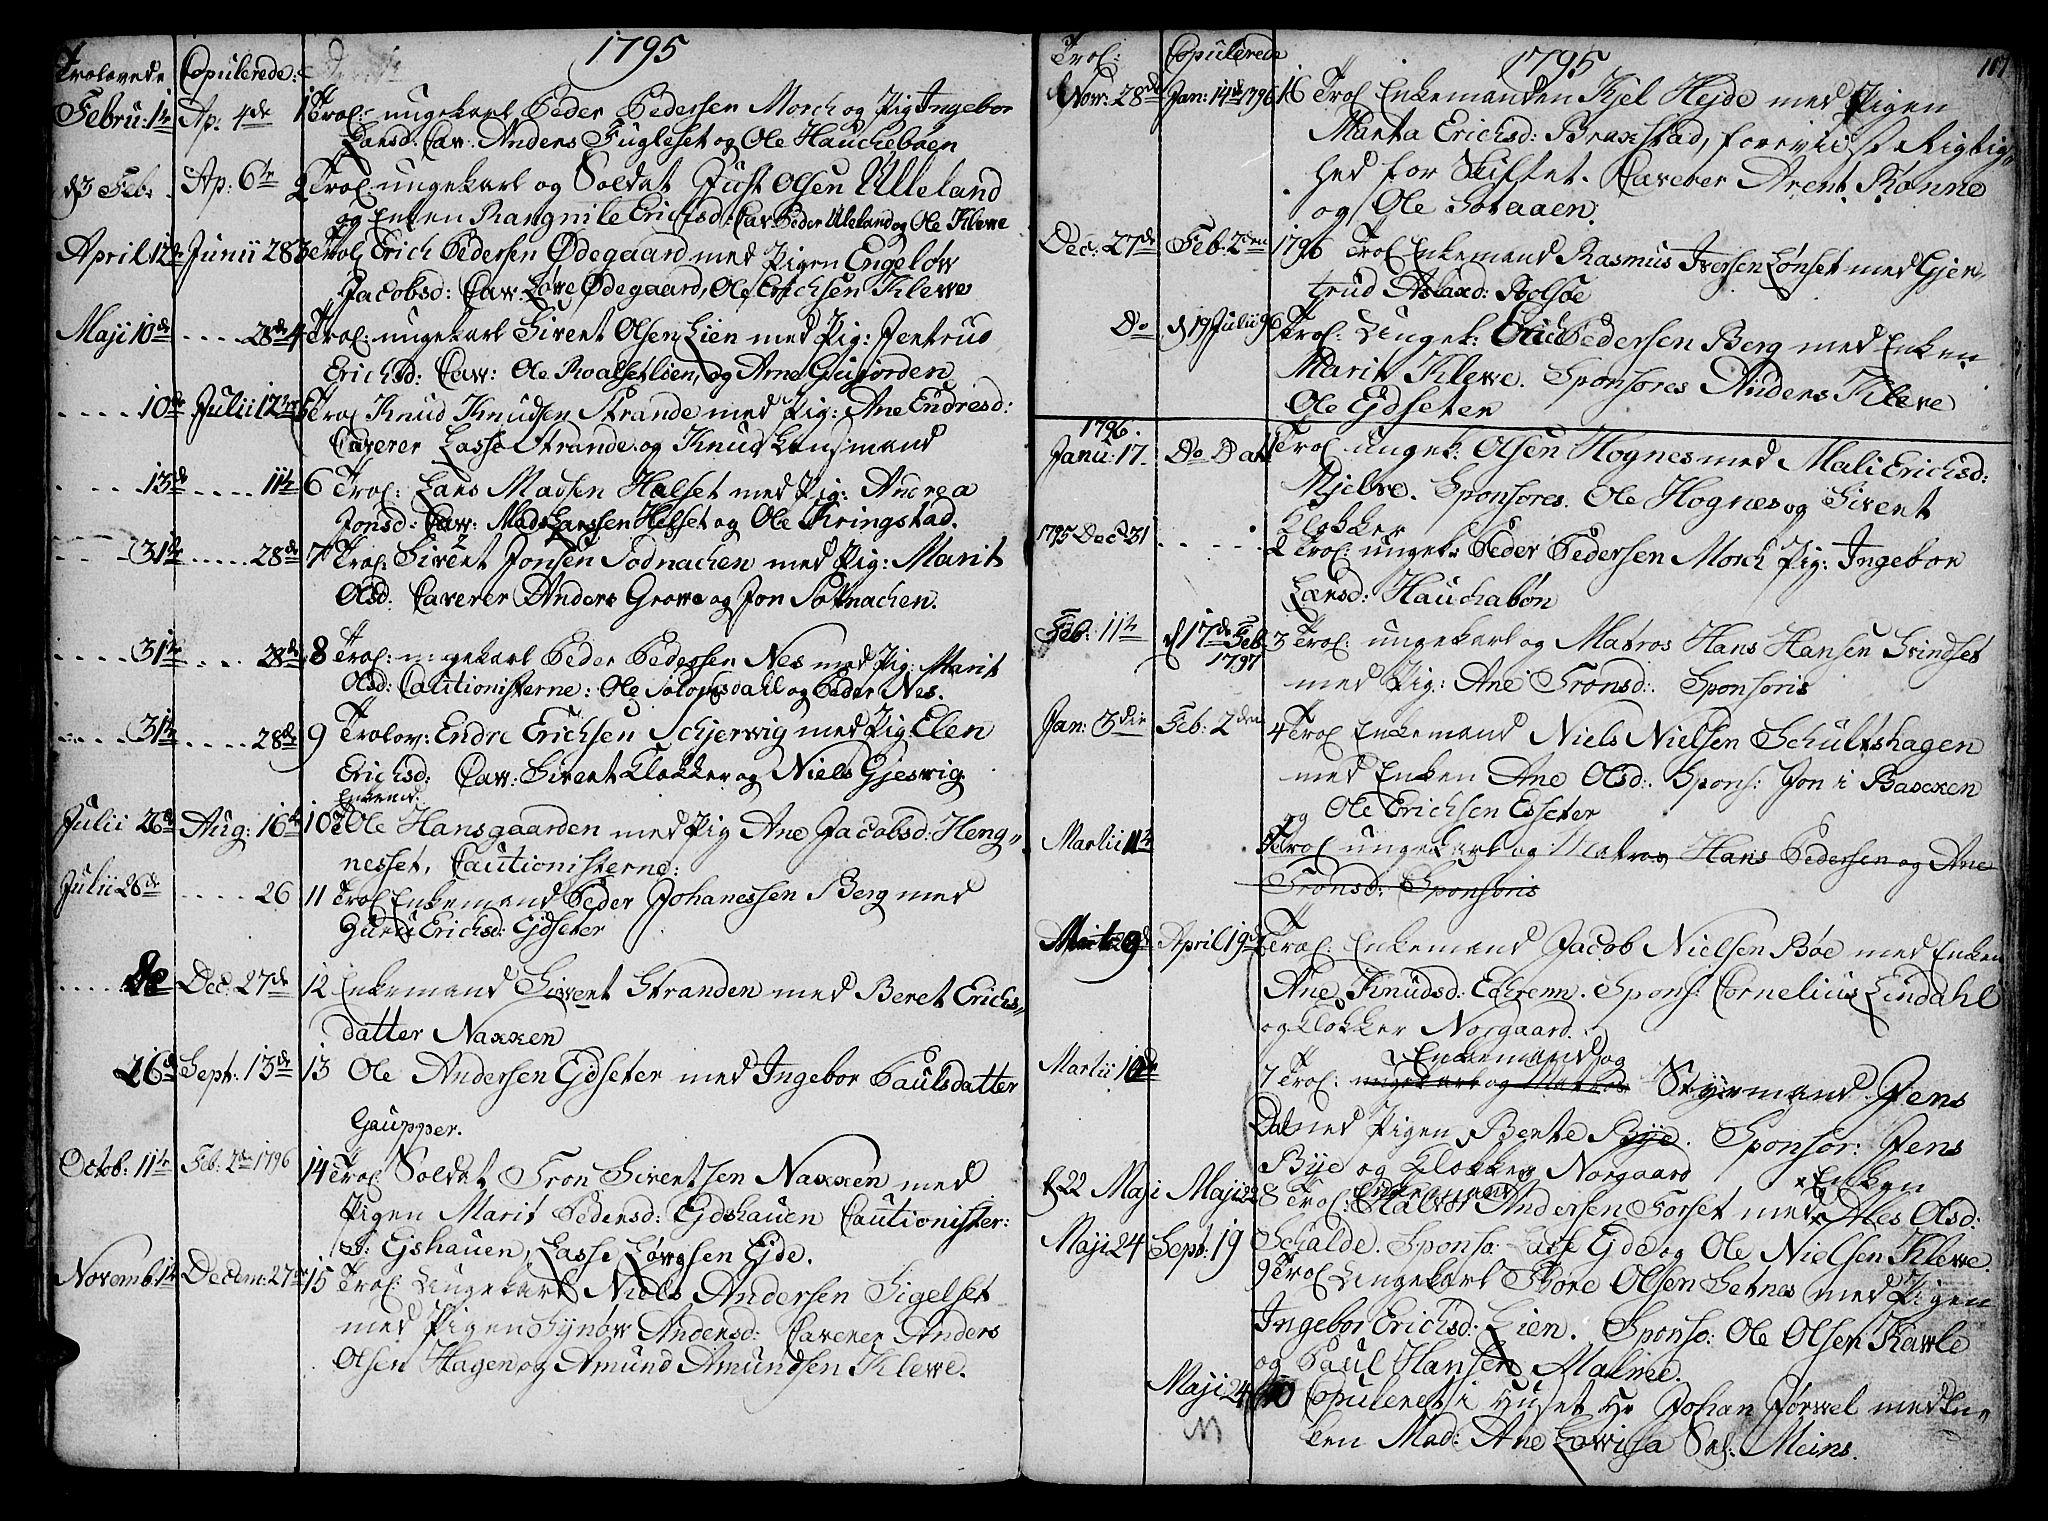 SAT, Ministerialprotokoller, klokkerbøker og fødselsregistre - Møre og Romsdal, 555/L0649: Ministerialbok nr. 555A02 /1, 1795-1821, s. 117